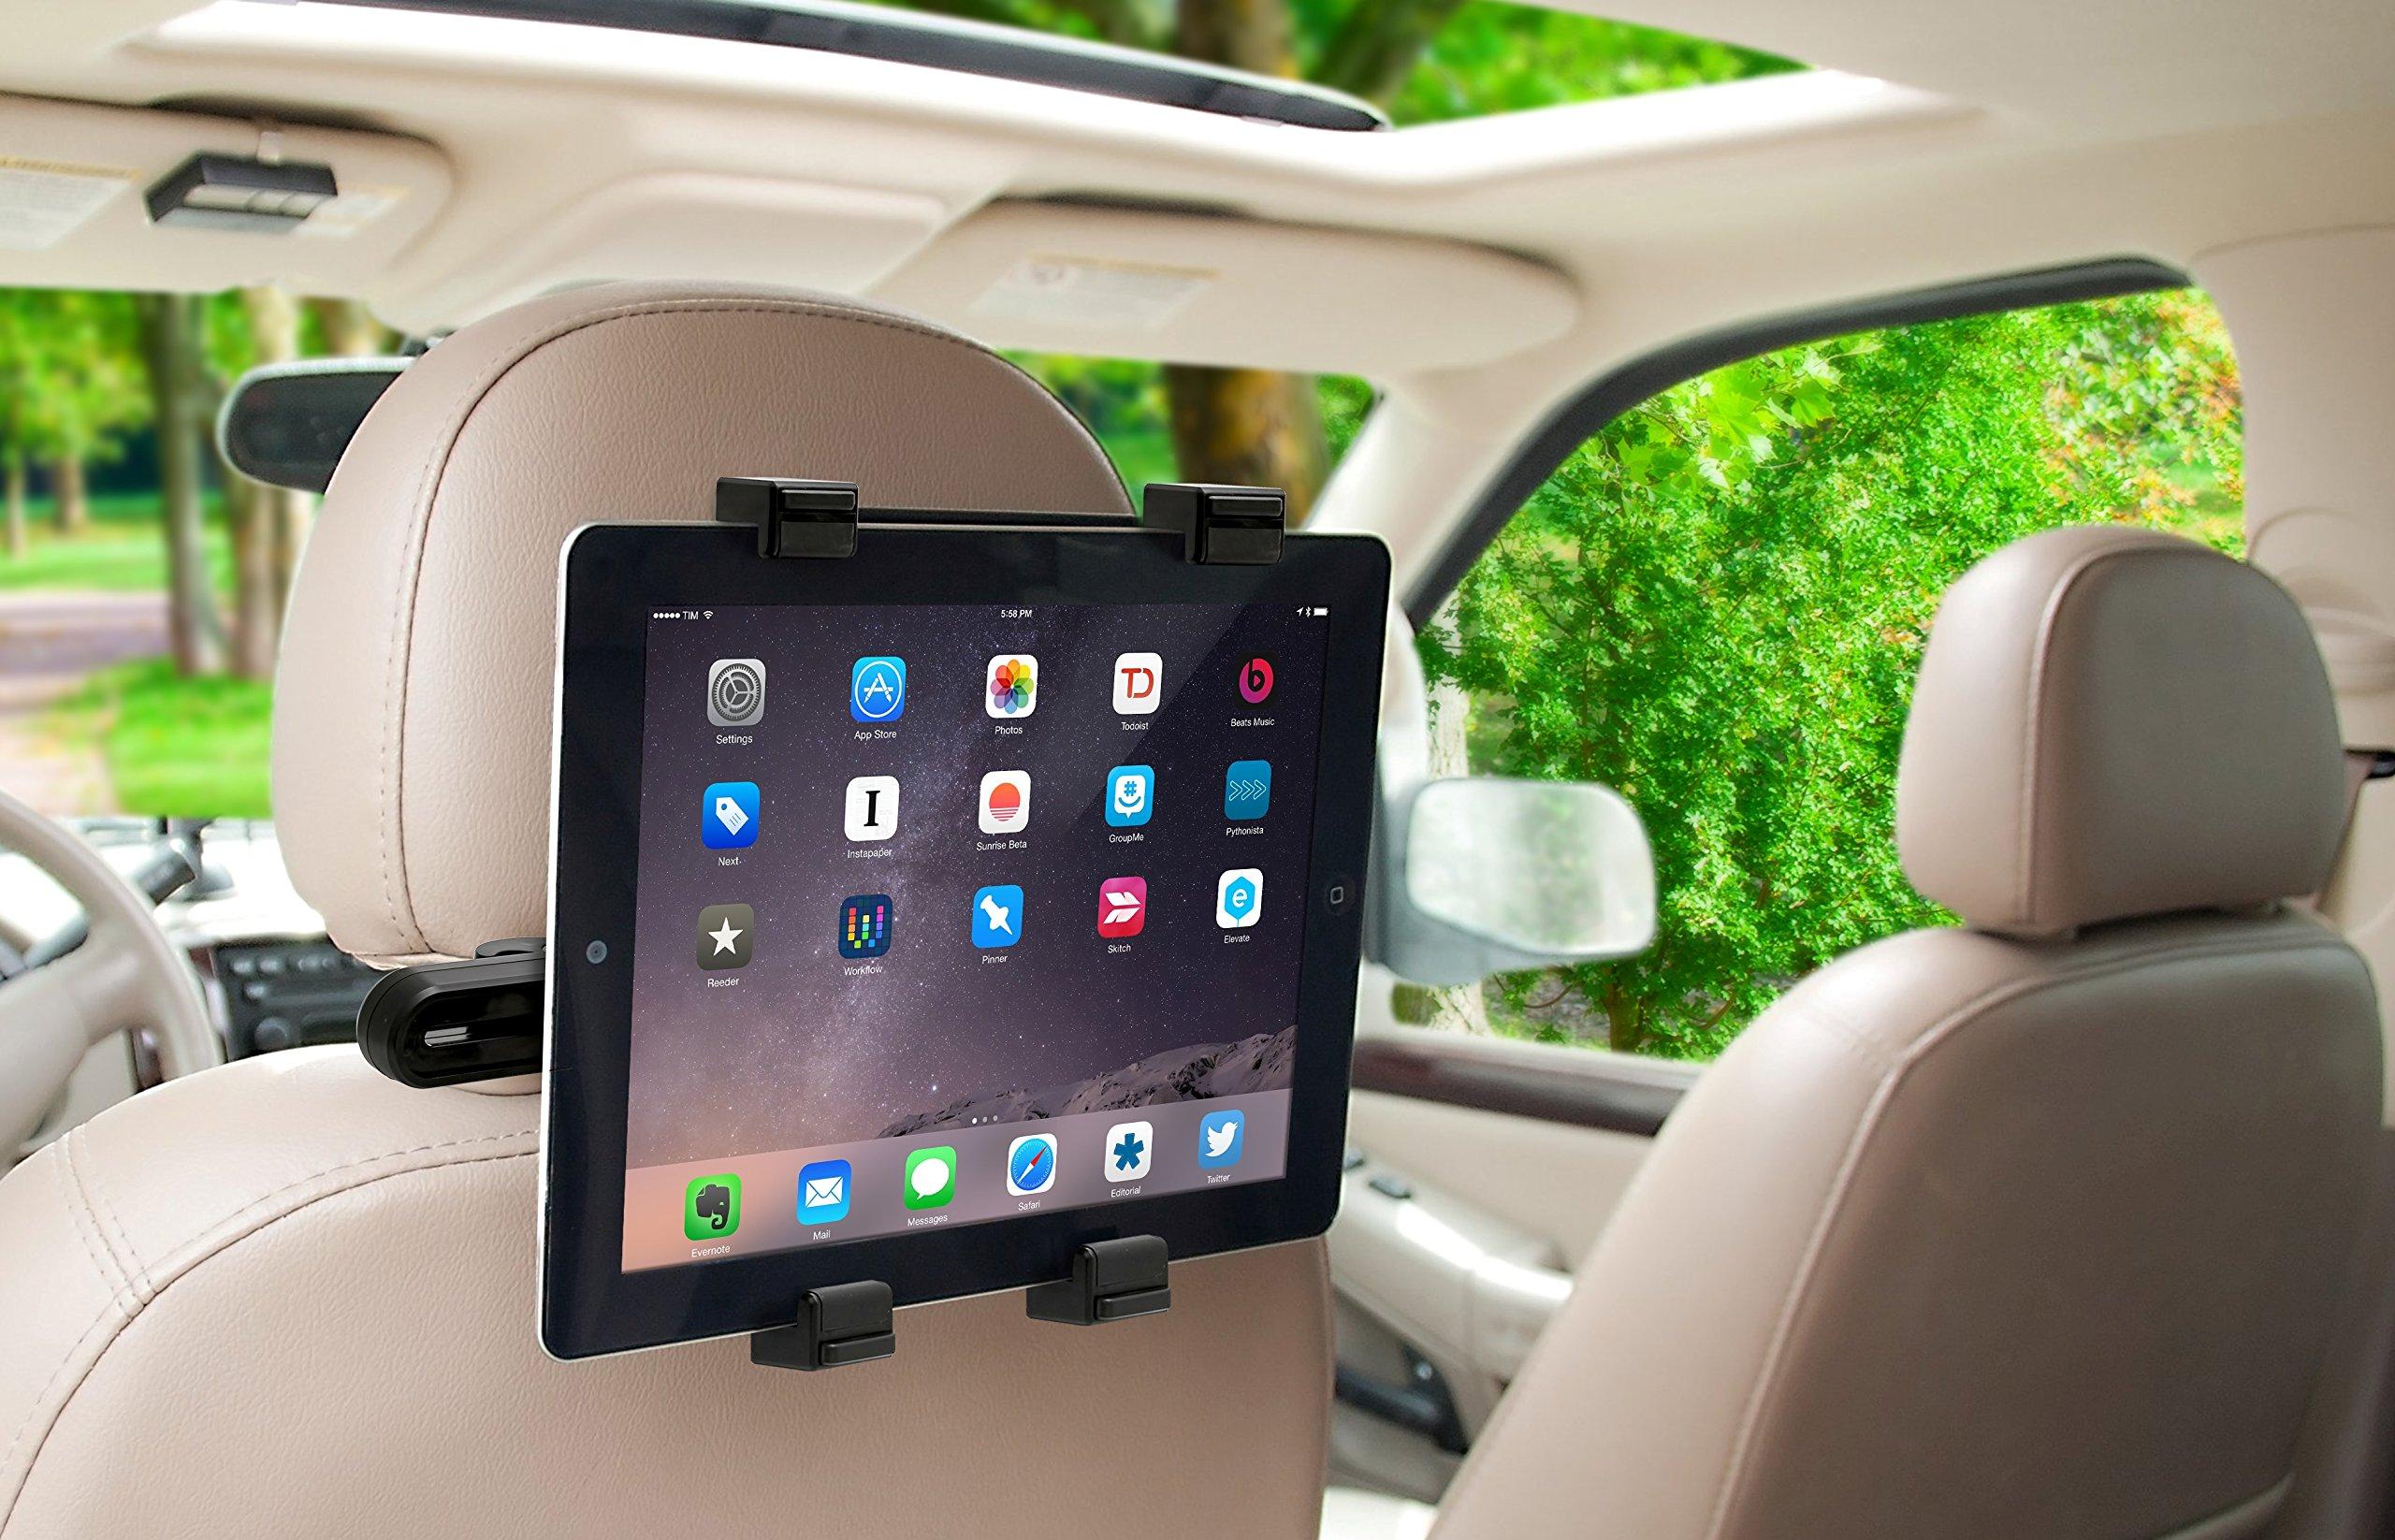 okra 360 degree adjustable rotating headrest car seat mount holder for ipad. Black Bedroom Furniture Sets. Home Design Ideas